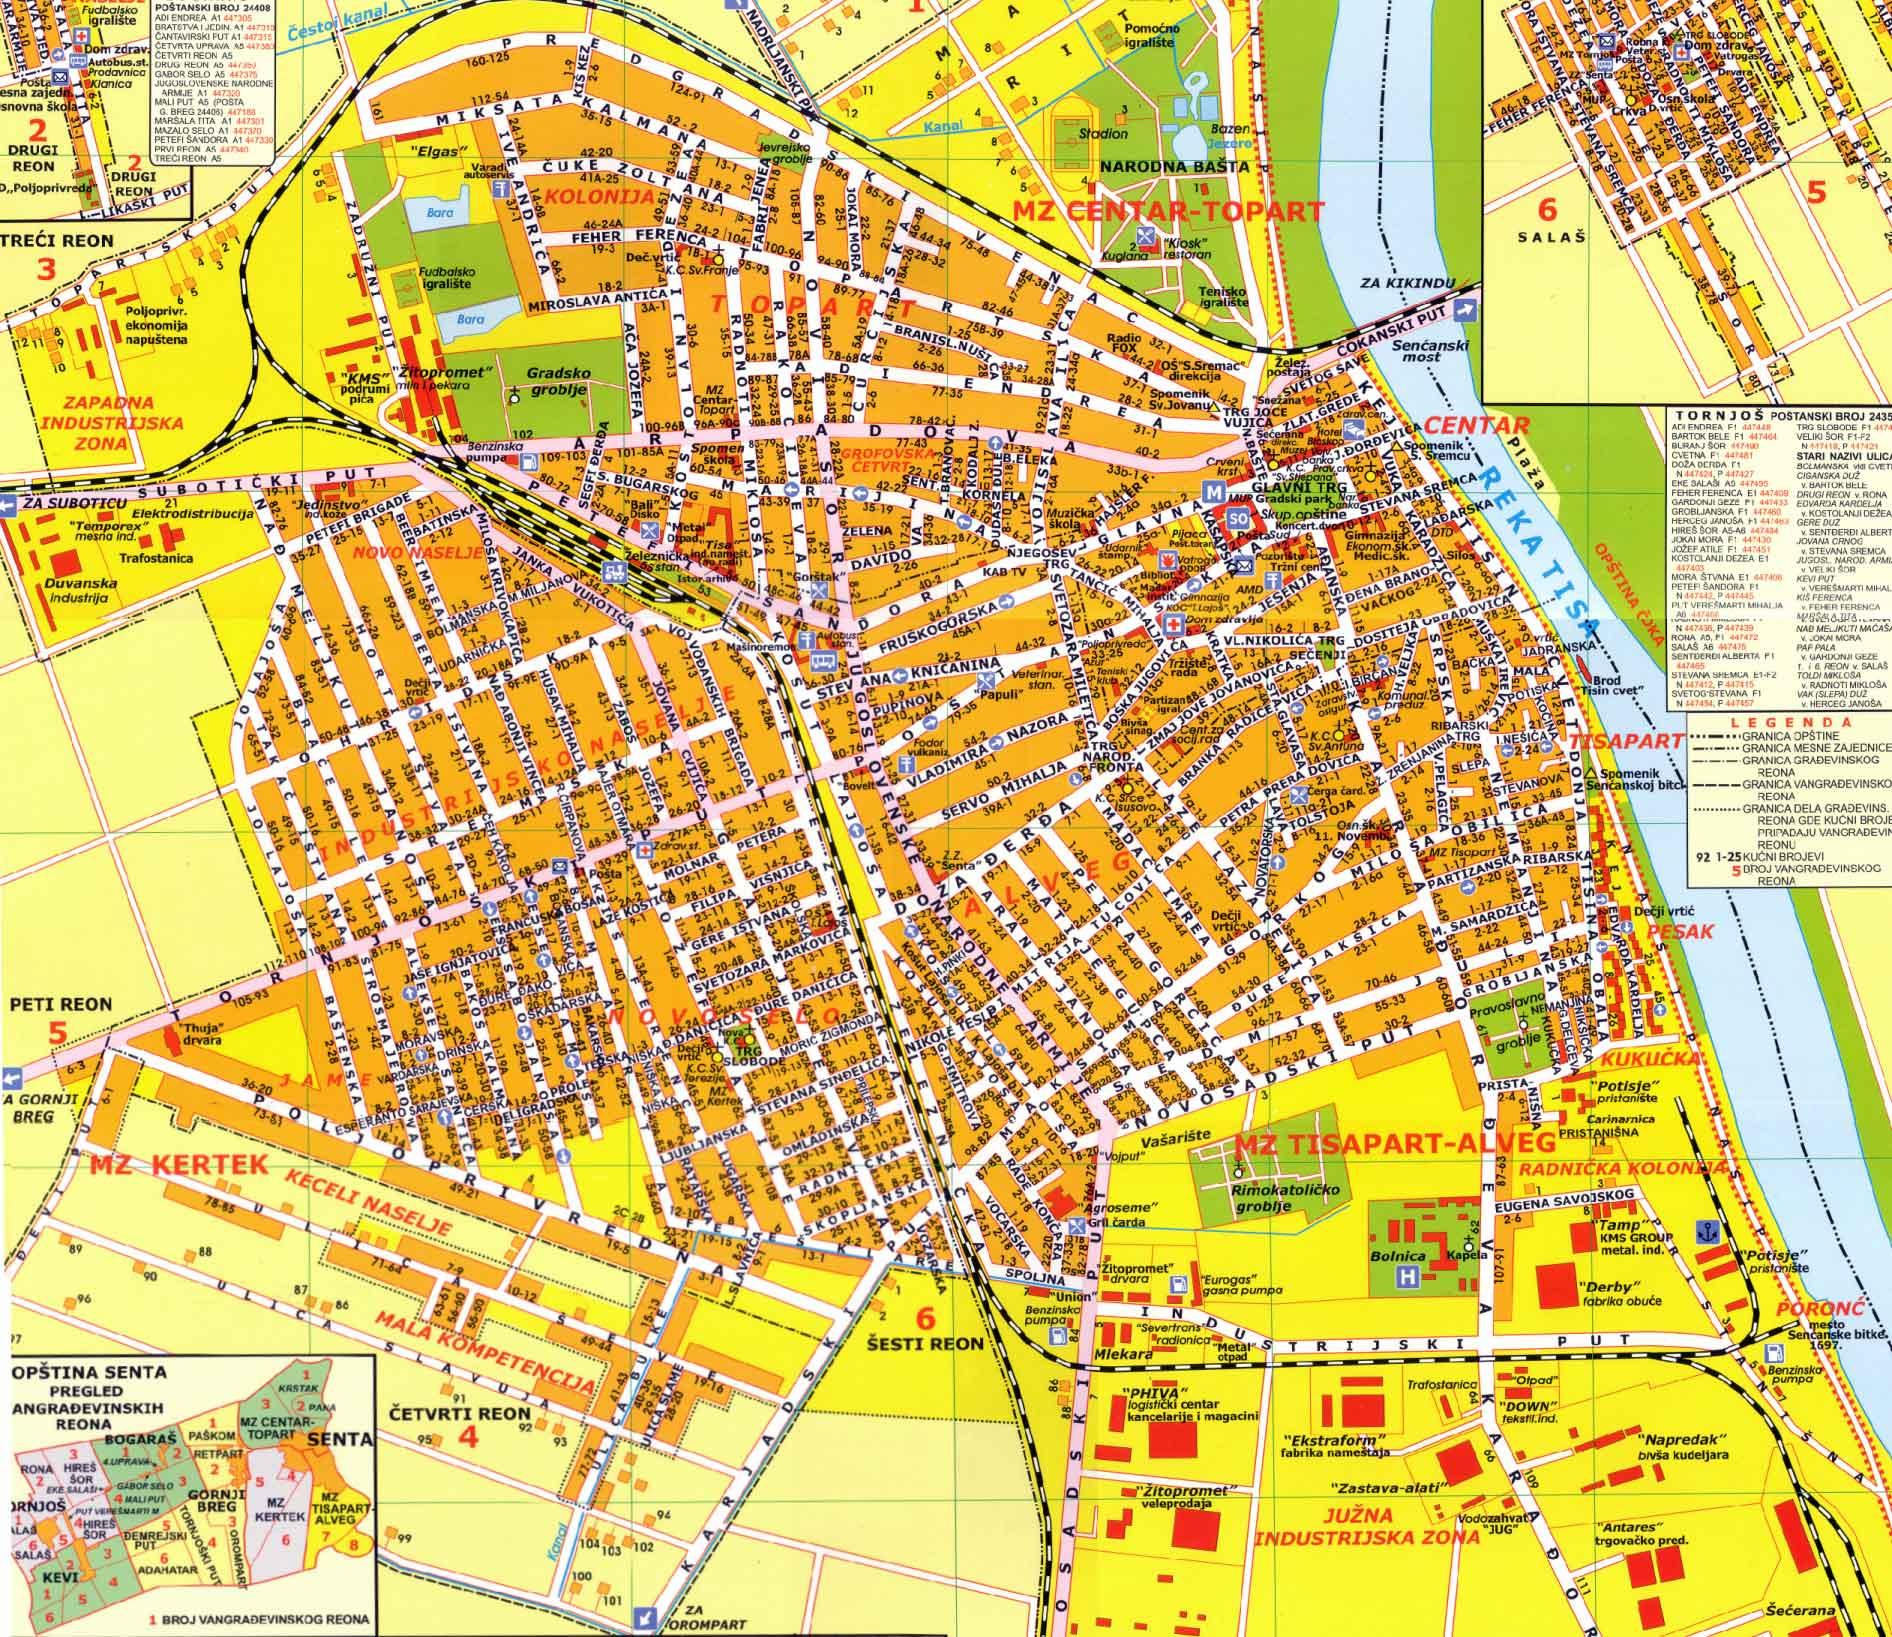 mapa subotica Ad acta nekretnine: prodaja zamena iznajmljivanje nekretnina  mapa subotica